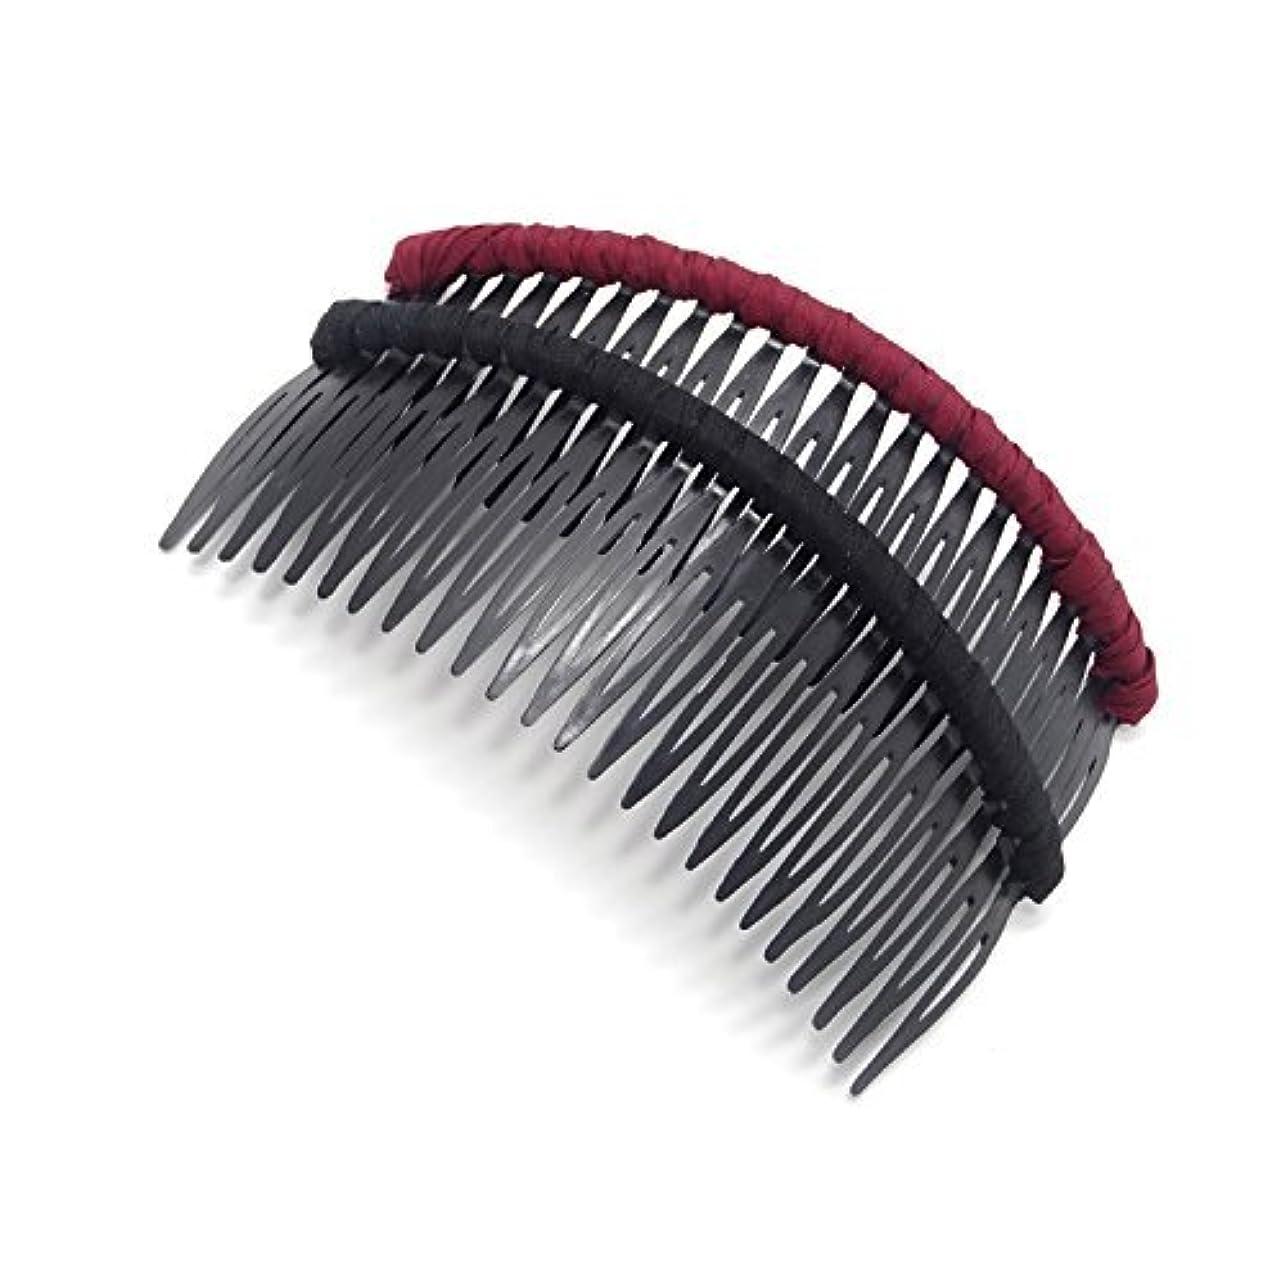 瞳の中で物理Honbay 2 PCS Different Color 24 Teeth Plastic Hair Comb Tuck Comb Hair Clip Hair Accessory for Women and Girls...